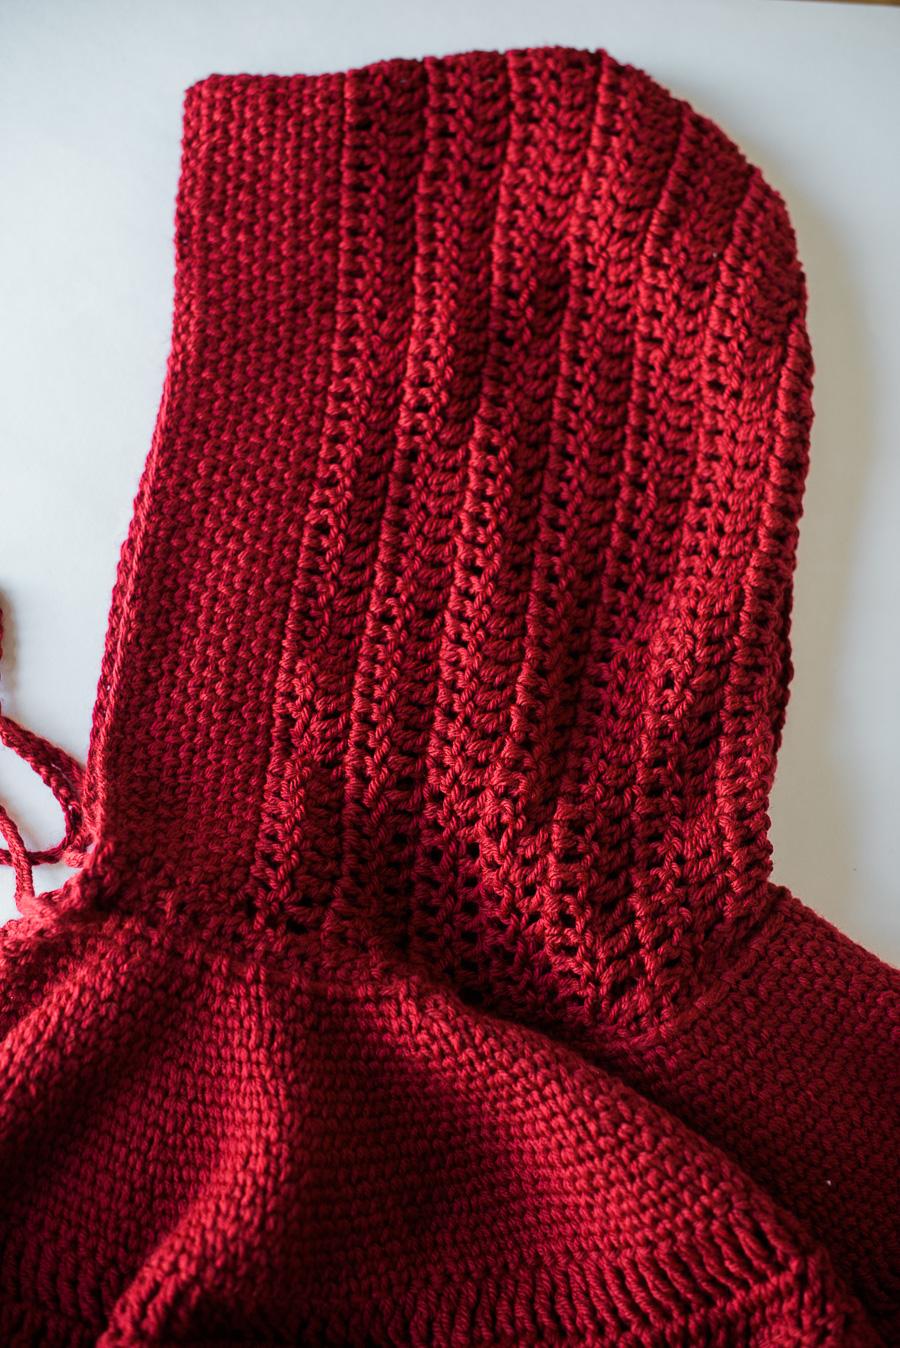 Katiusca-Guzman_CrochetedRedCape-3.jpg